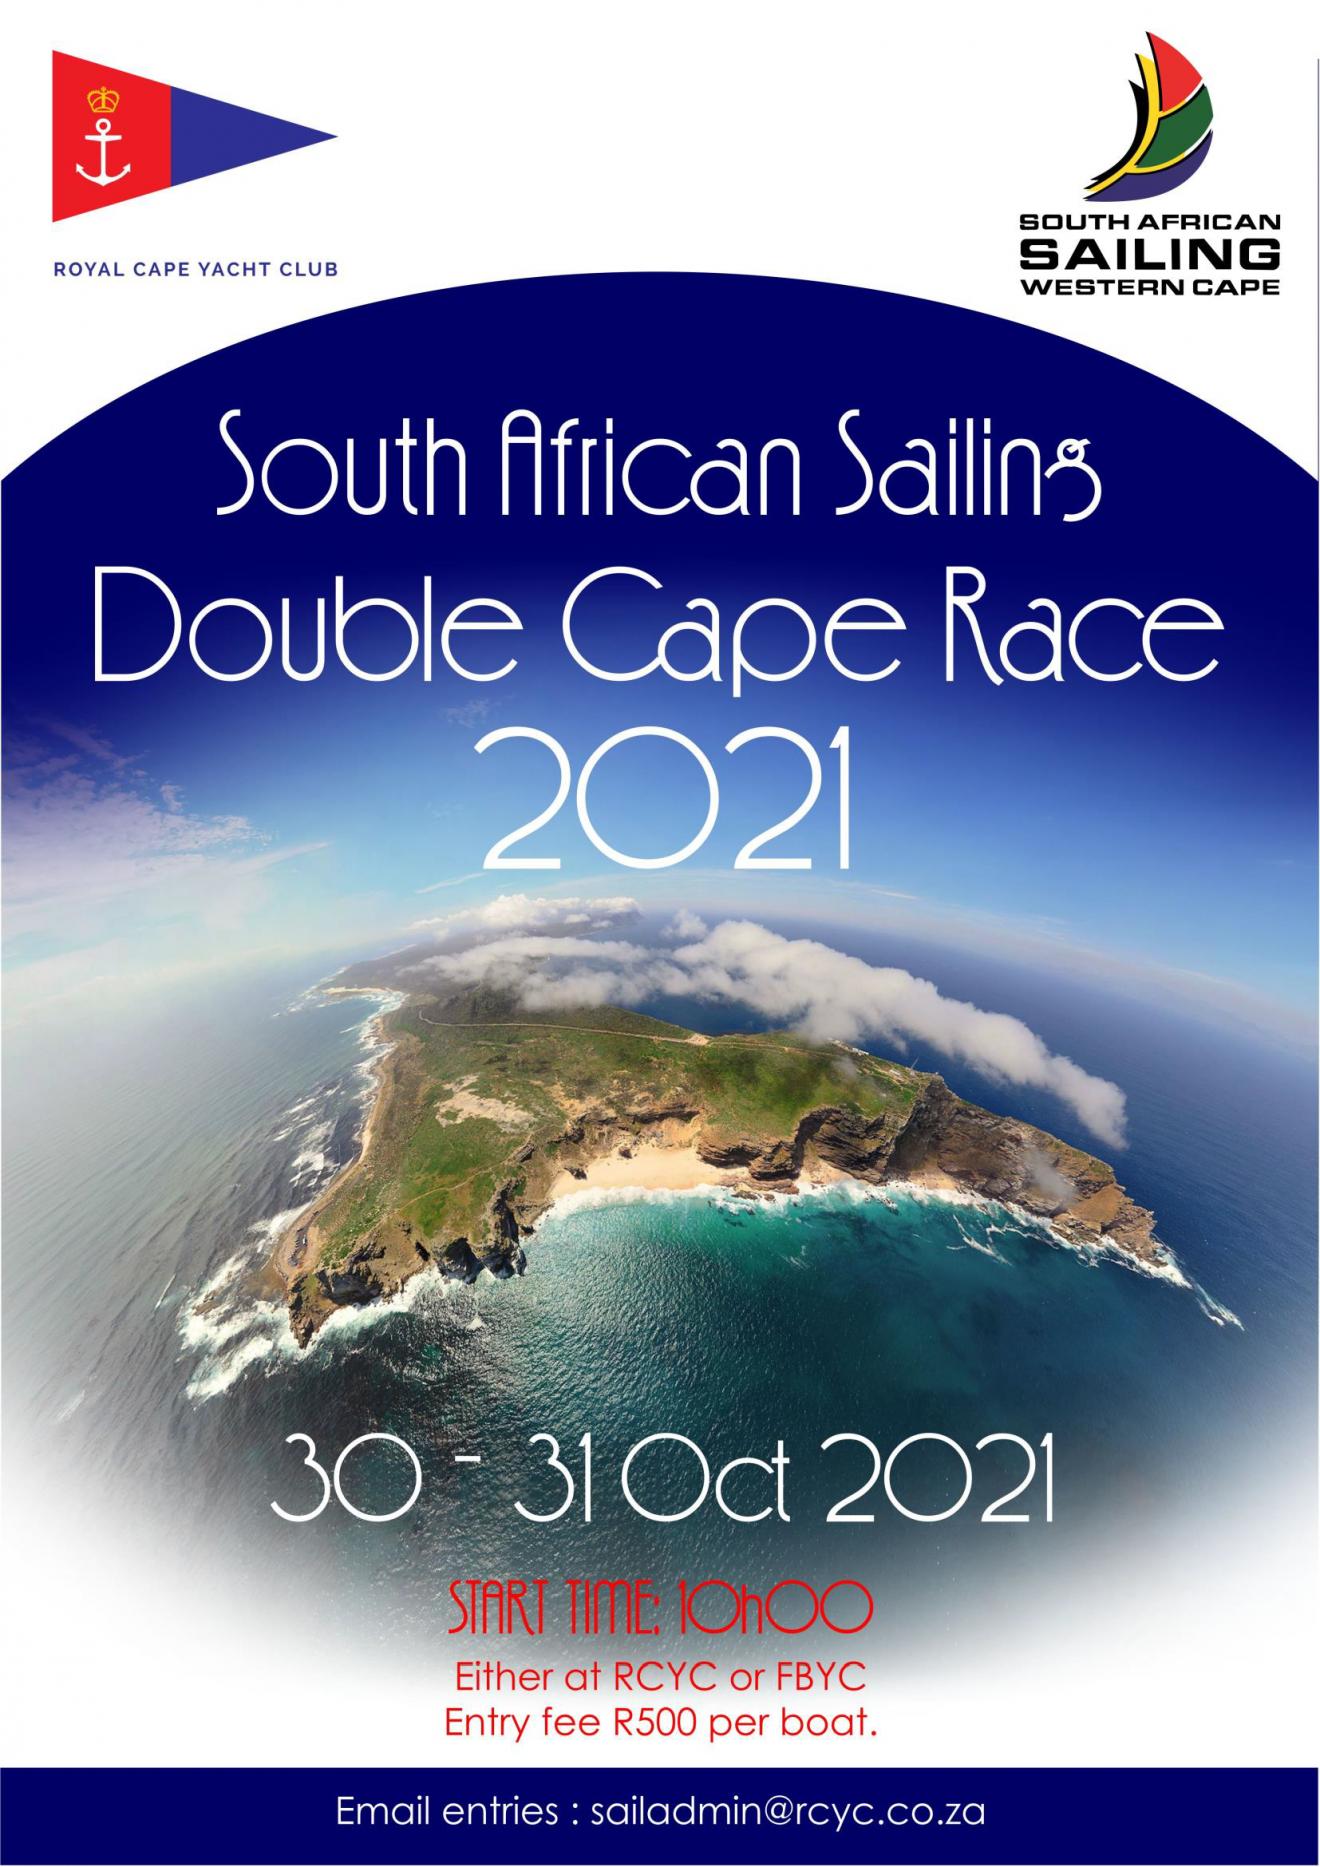 Double Cape Race